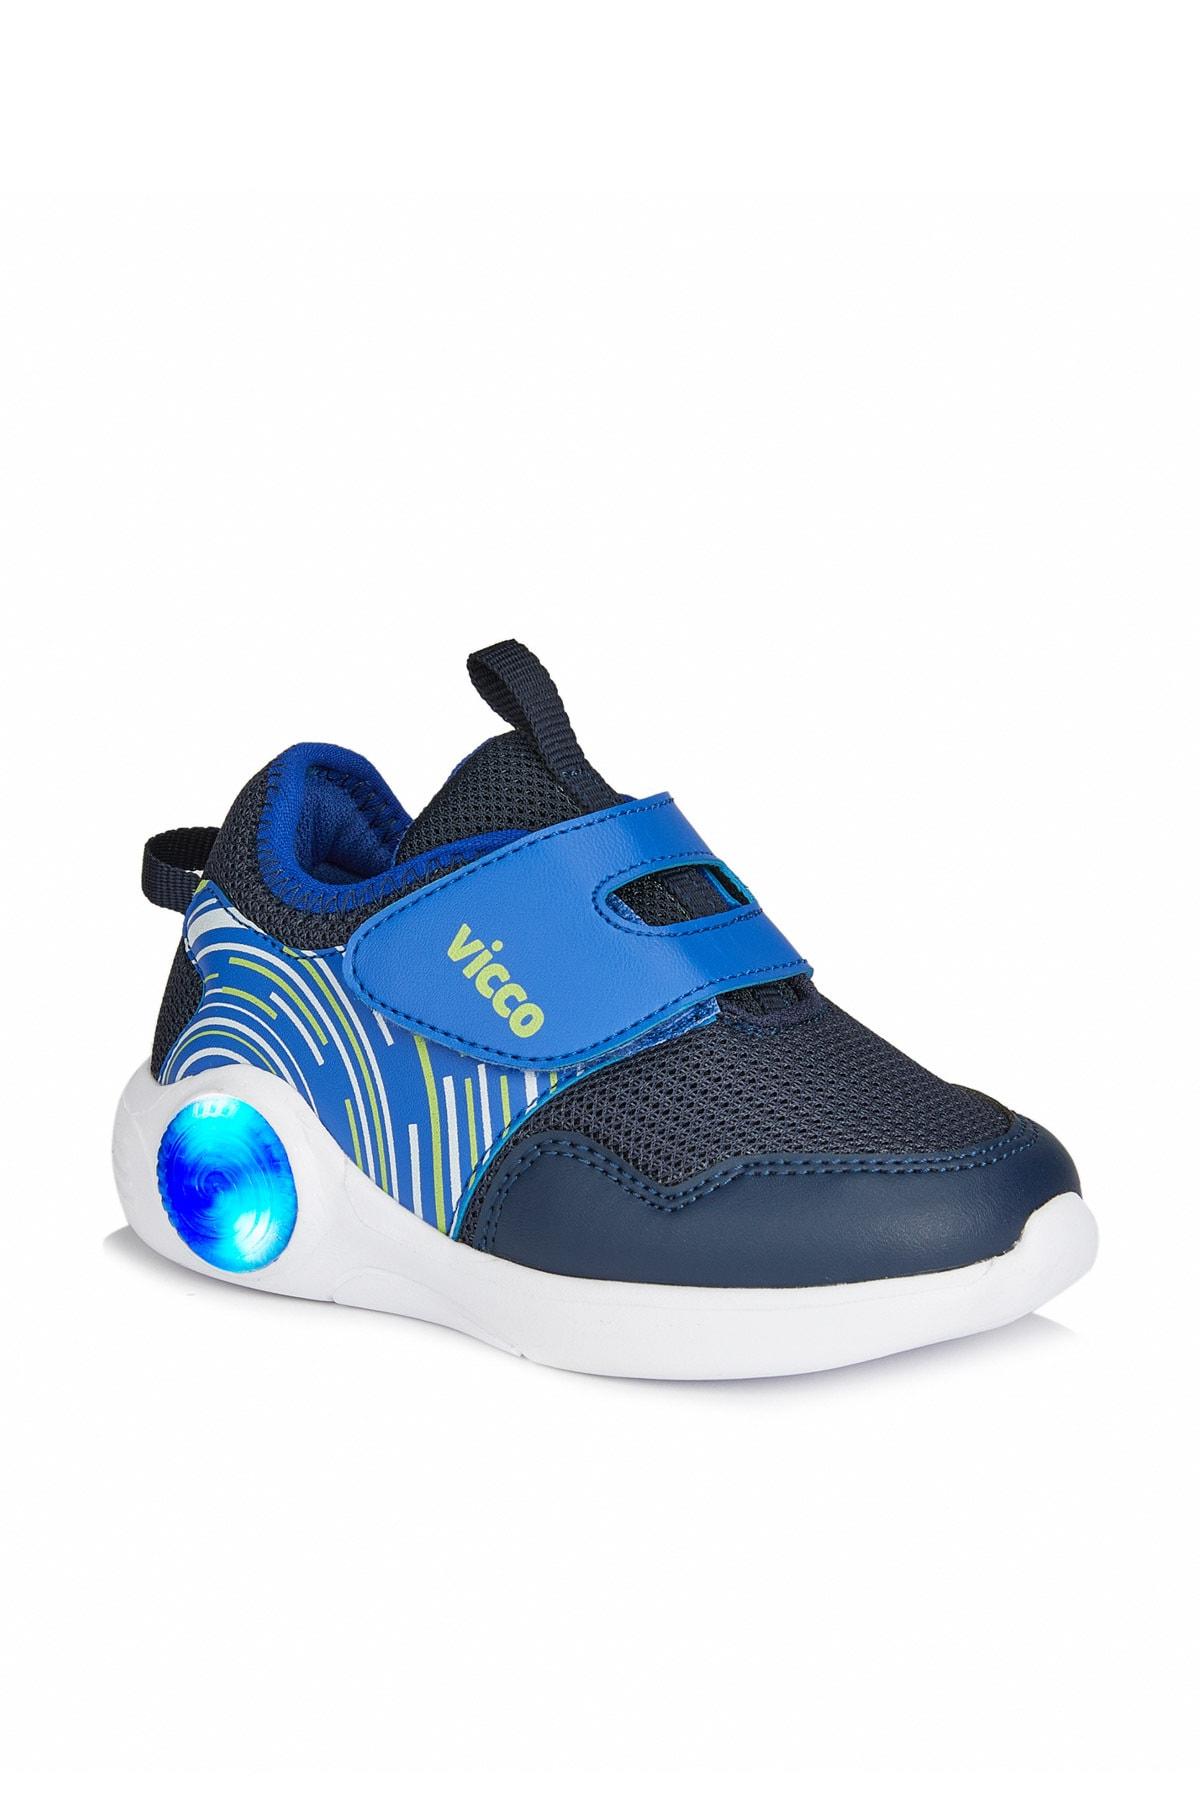 Vicco Jojo Erkek Çocuk Lacivert Spor Ayakkabı 1